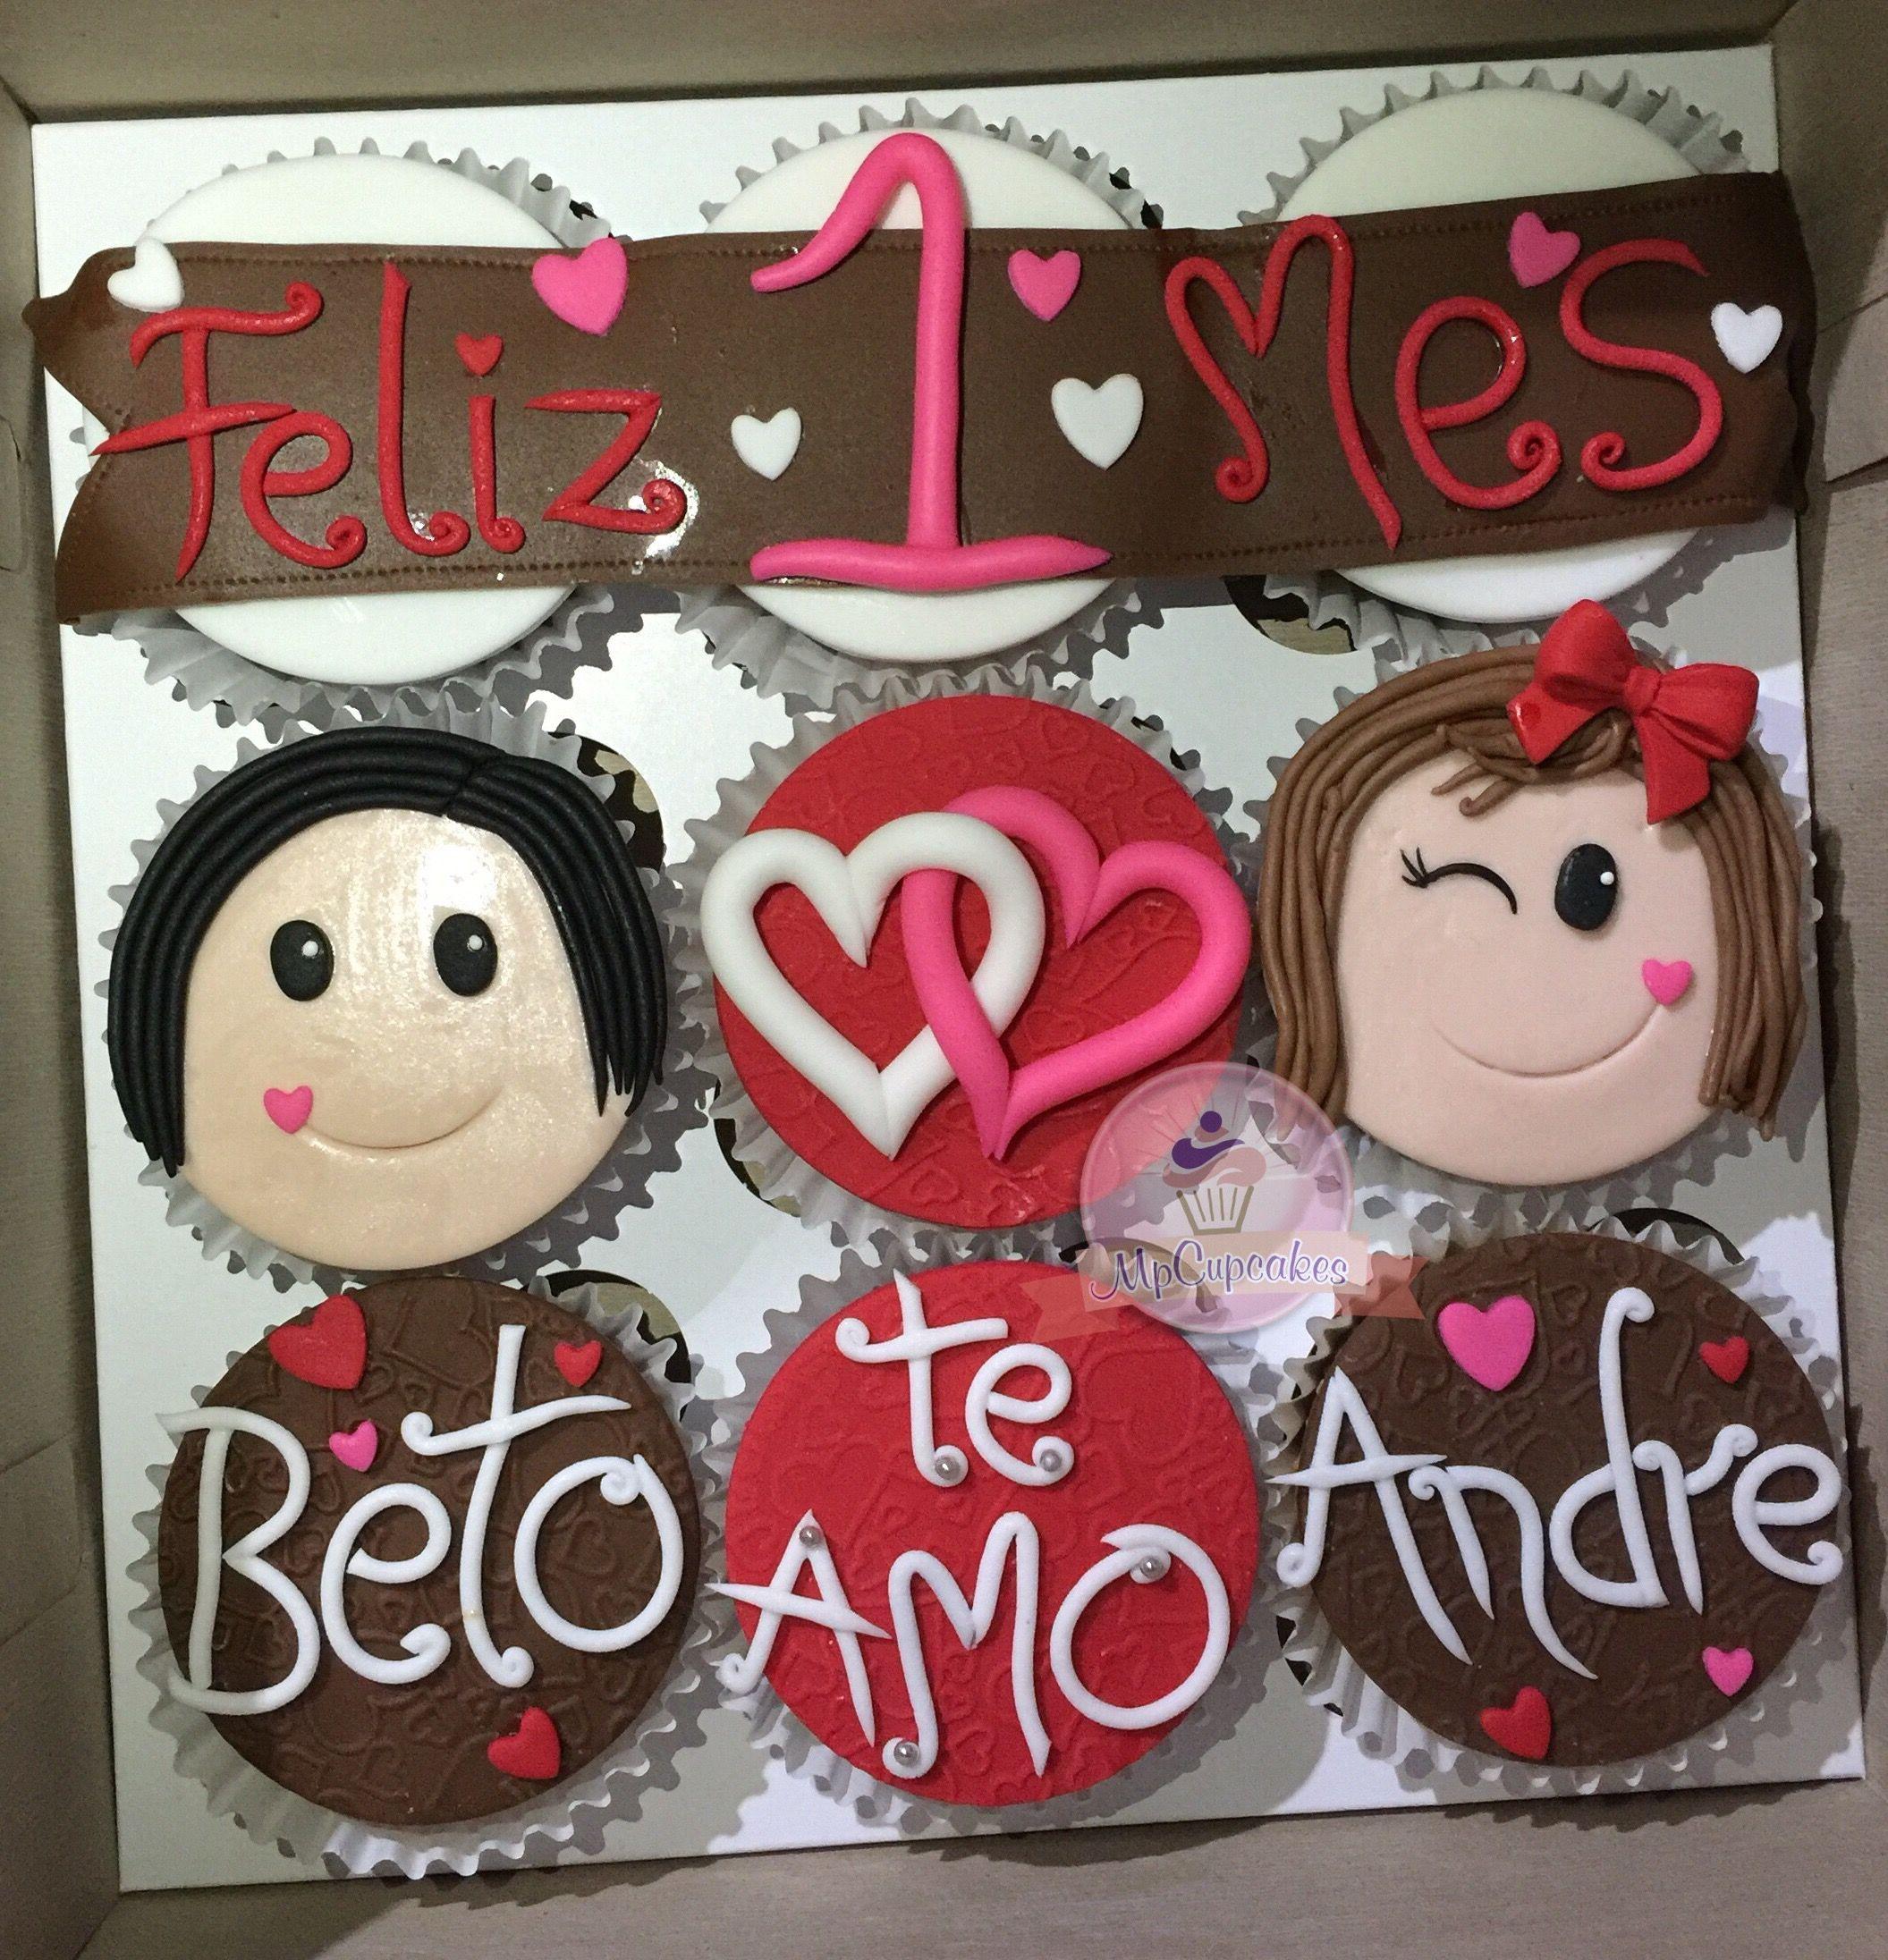 Cupcakes Mensaje Cupcakes De Amor Cupcakes Corazones Cupcakes